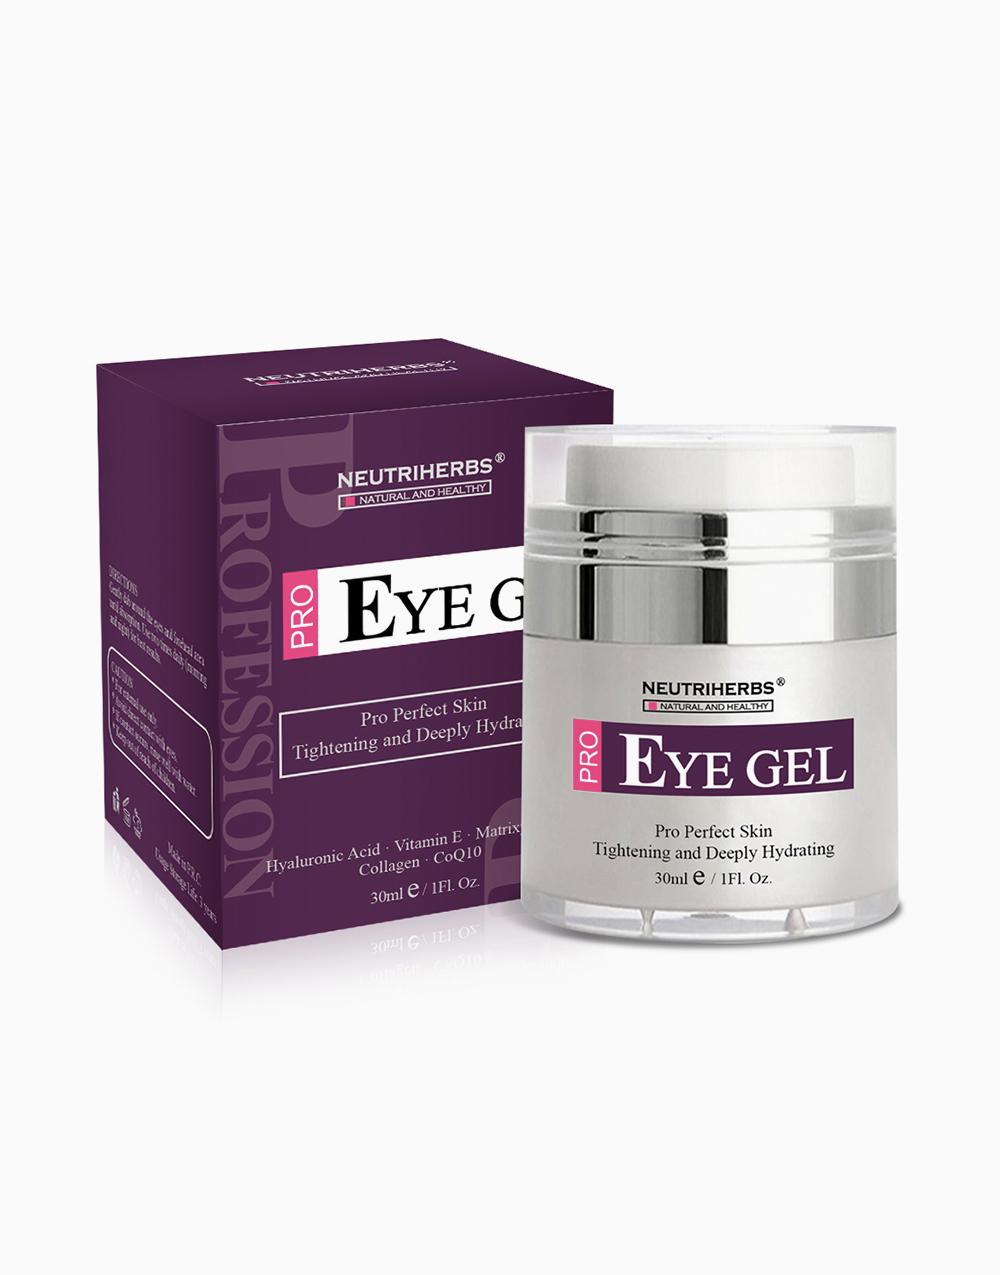 Eye Gel by Neutriherbs